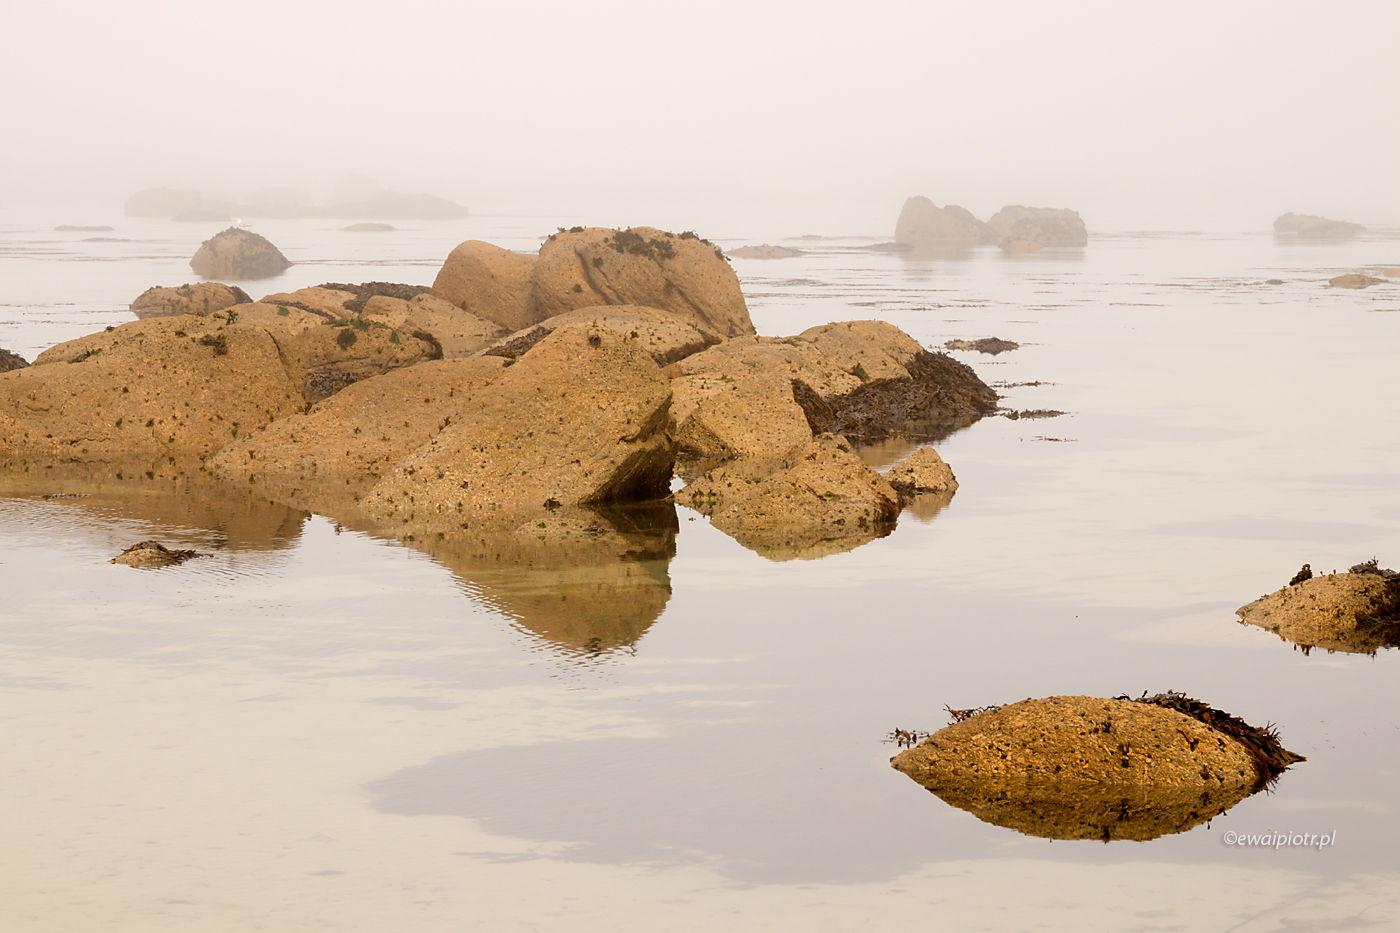 Wybrzeże Bretanii przy odpływie